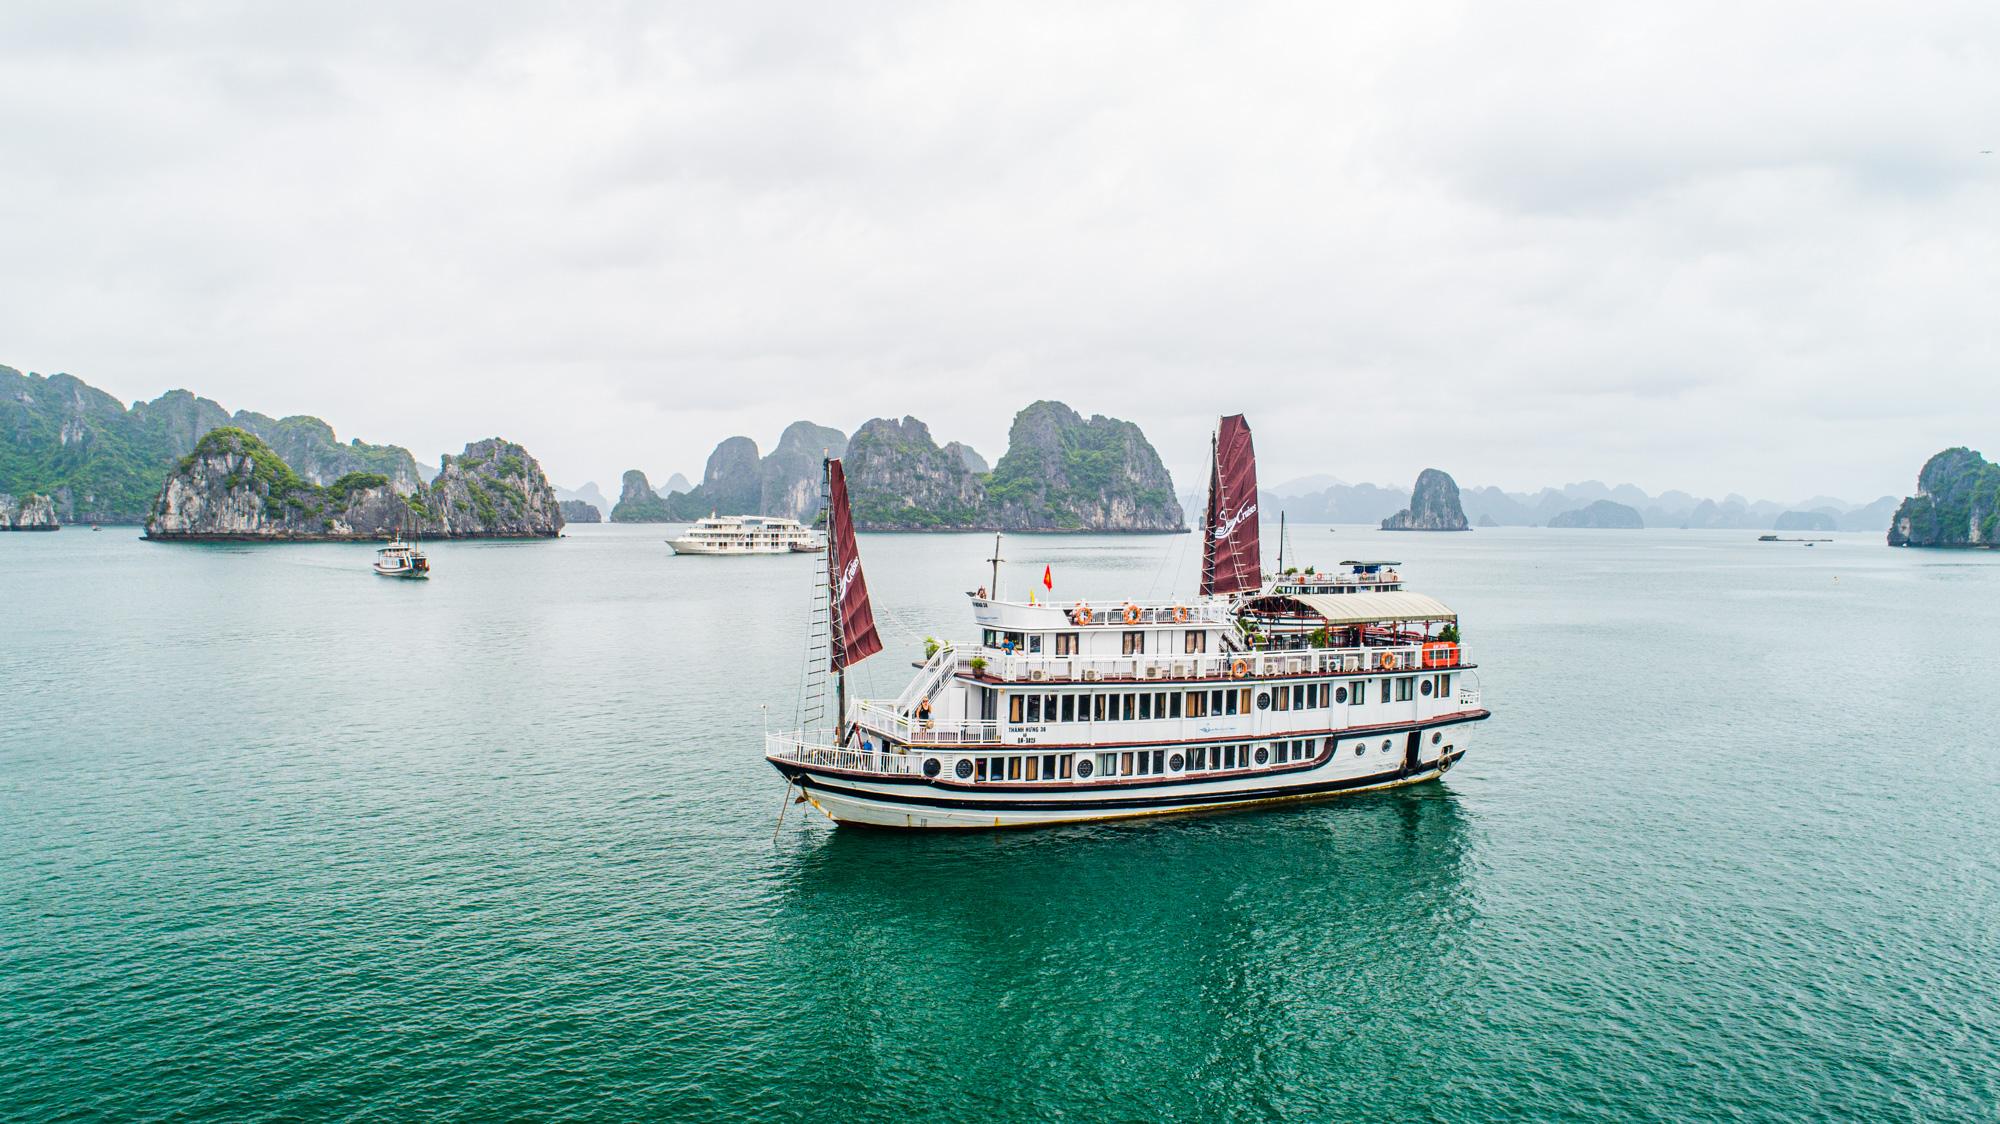 Swan Cruise - 3* Cruise in Halong Bay